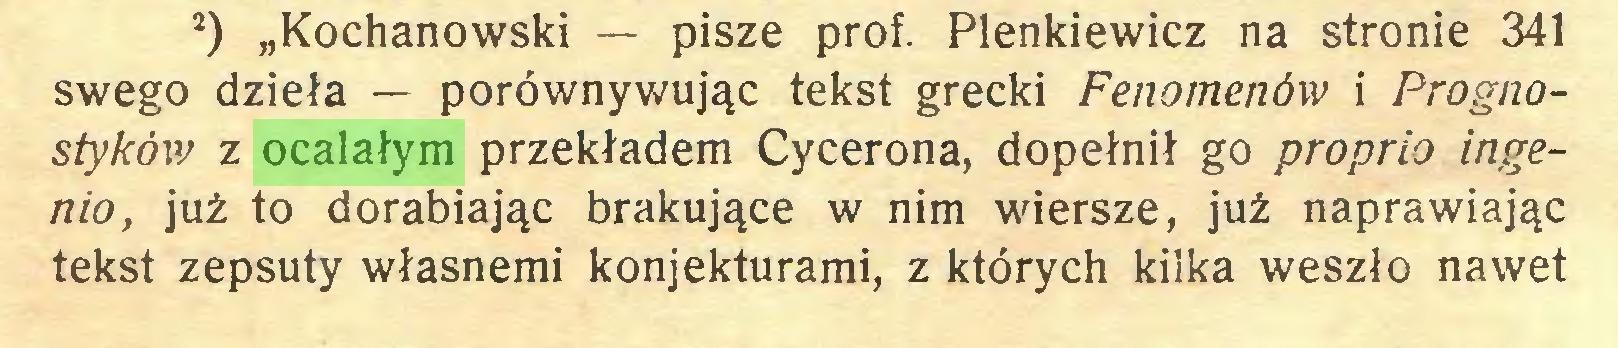 """(...) s) """"Kochanowski — pisze prof. Plenkiewicz na stronie 341 swego dzieła — porównywując tekst grecki Fenomenów i Prognostyków z ocalałym przekładem Cycerona, dopełnił go proprio ingenio, już to dorabiając brakujące w nim wiersze, już naprawiając tekst zepsuty własnemi konjekturami, z których kilka weszło nawet..."""